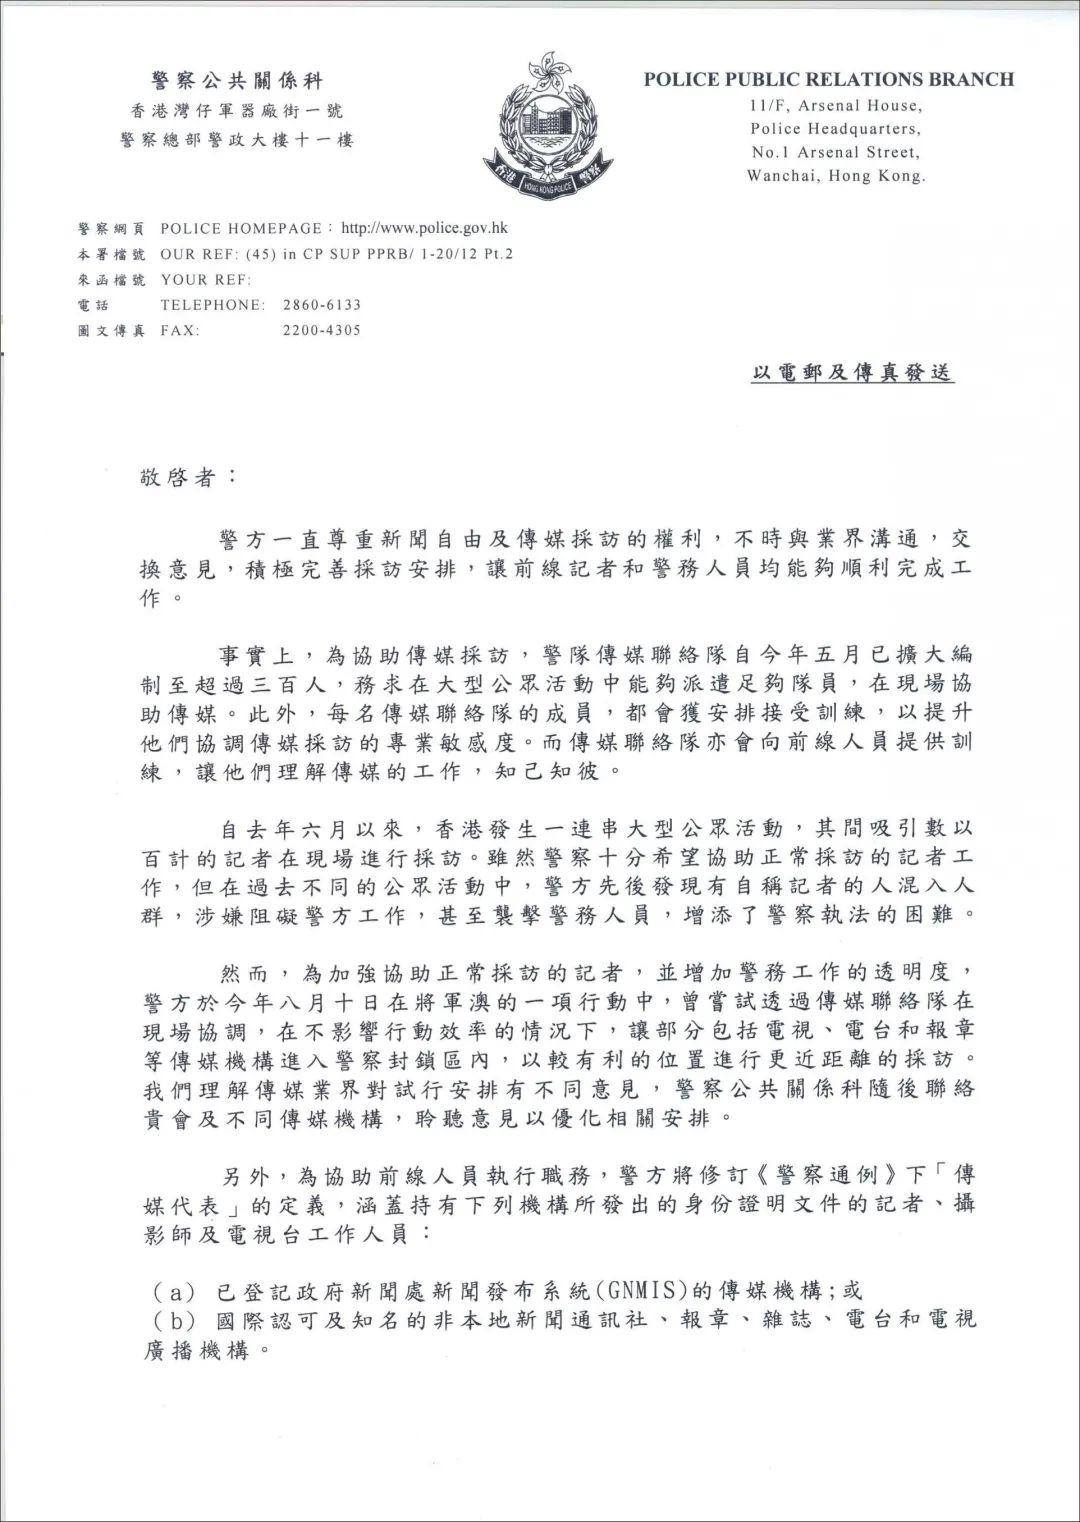 警方信件文本(部分) 图源:香港电台